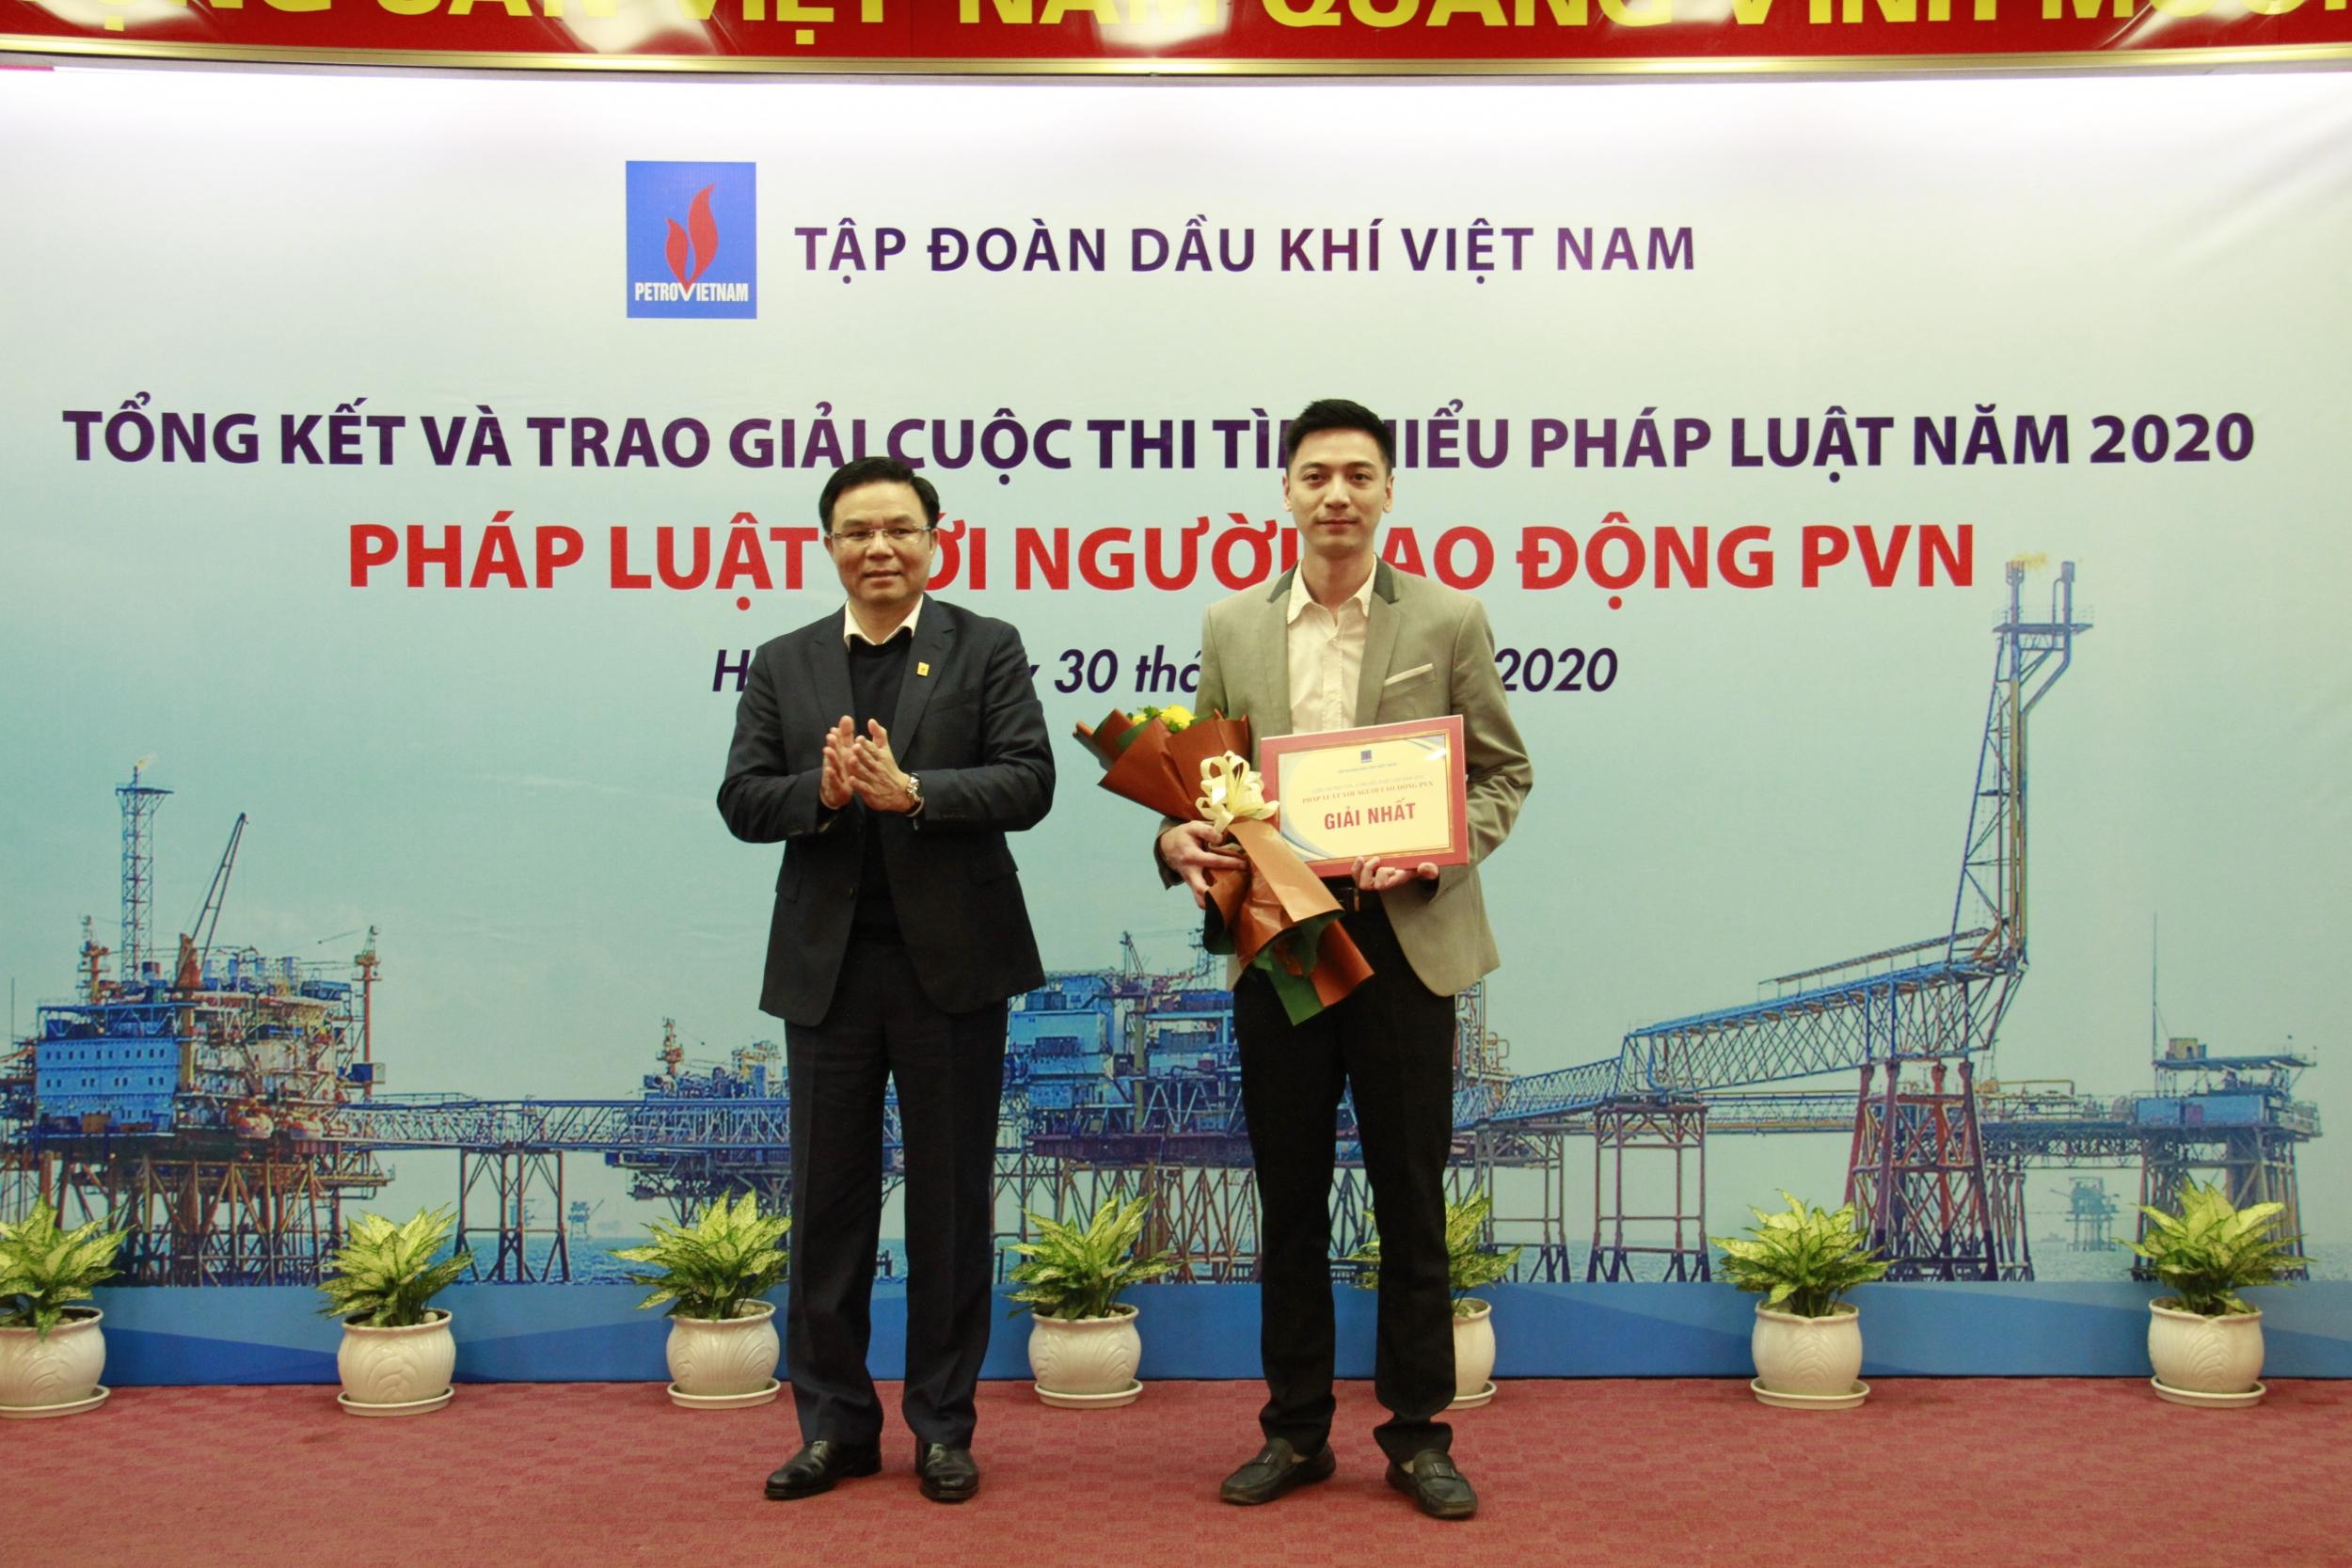 """Tổng kết và trao giải cuộc thi tìm hiểu """"Pháp luật với người lao động PVN"""""""